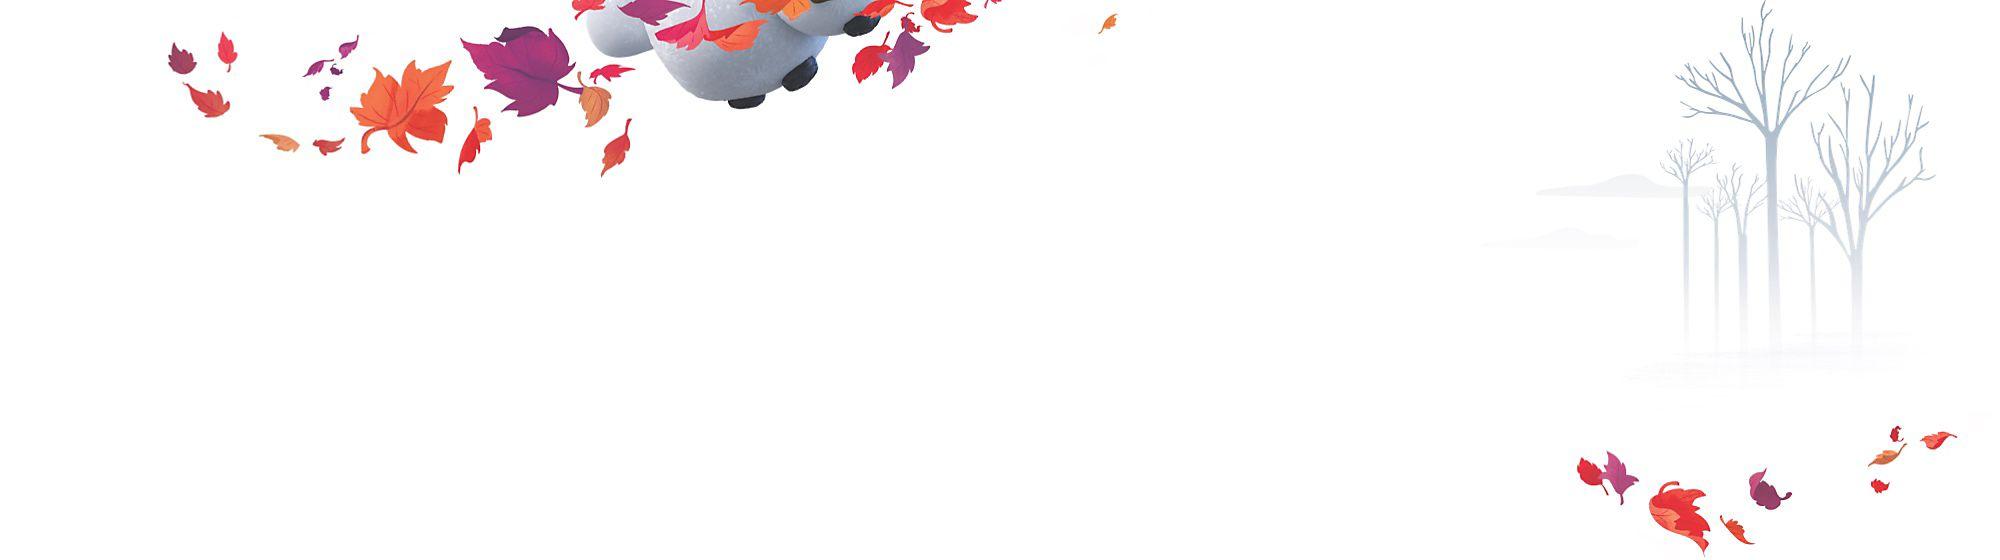 Elenco degli Store che ospiteranno l'attività: Arese CC Il Centro, Bari, Bergamo CC OrioCenter, Bologna, Marcianise CC Campania, Milano, Napoli, Palermo, CC Porta Di Roma, CC Roma Est, Torino CC Le Gru.